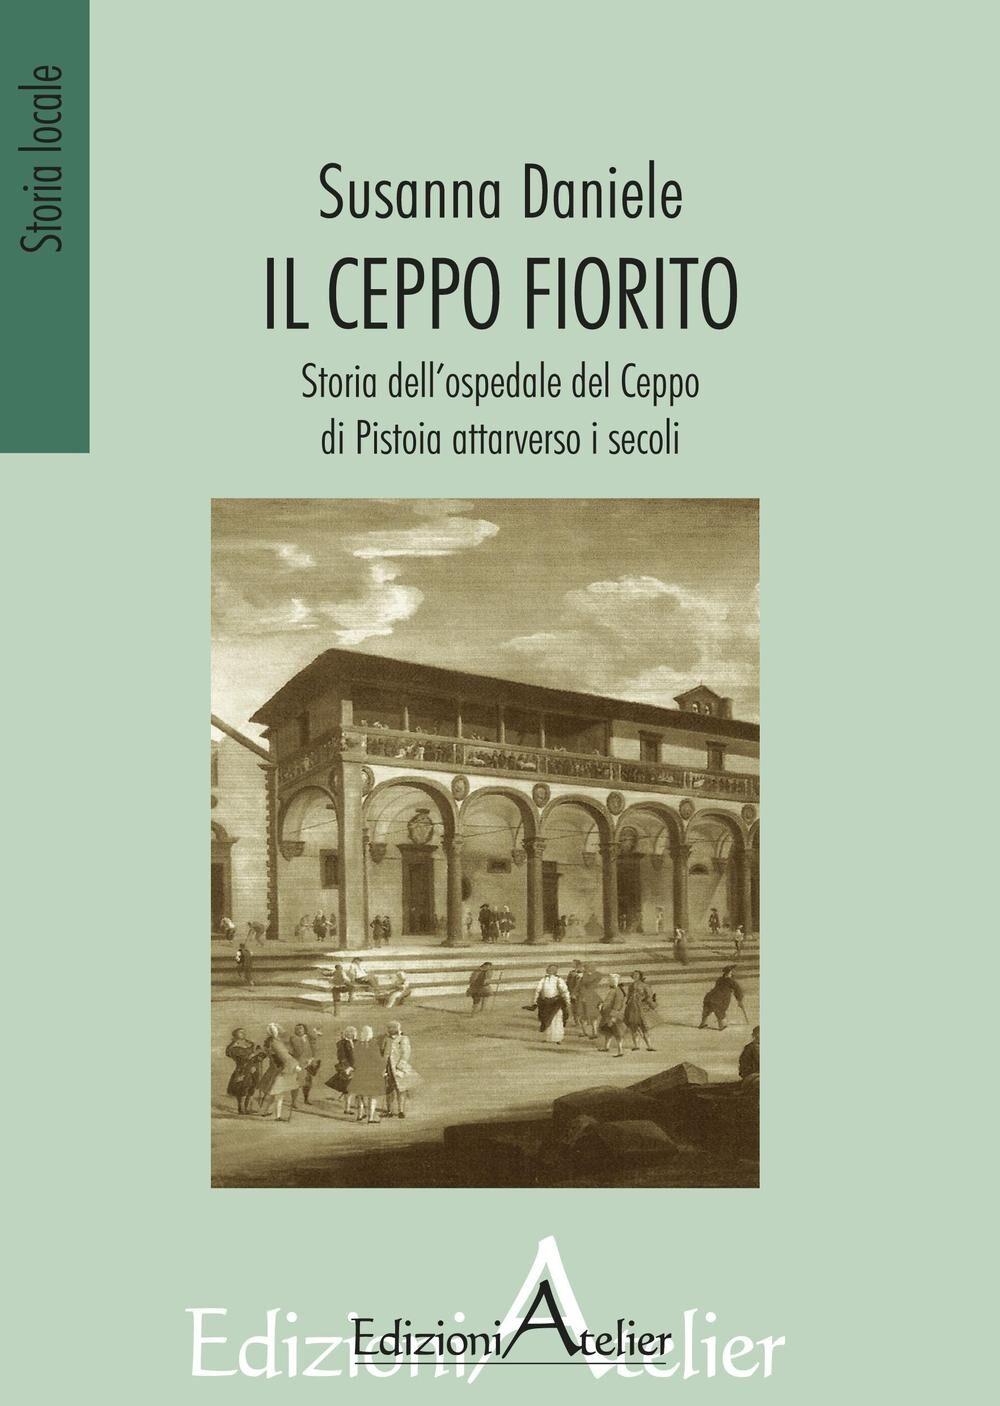 Il ceppo fiorito. Storia dell'Ospedale del ceppo di Pistoia attarverso i secoli